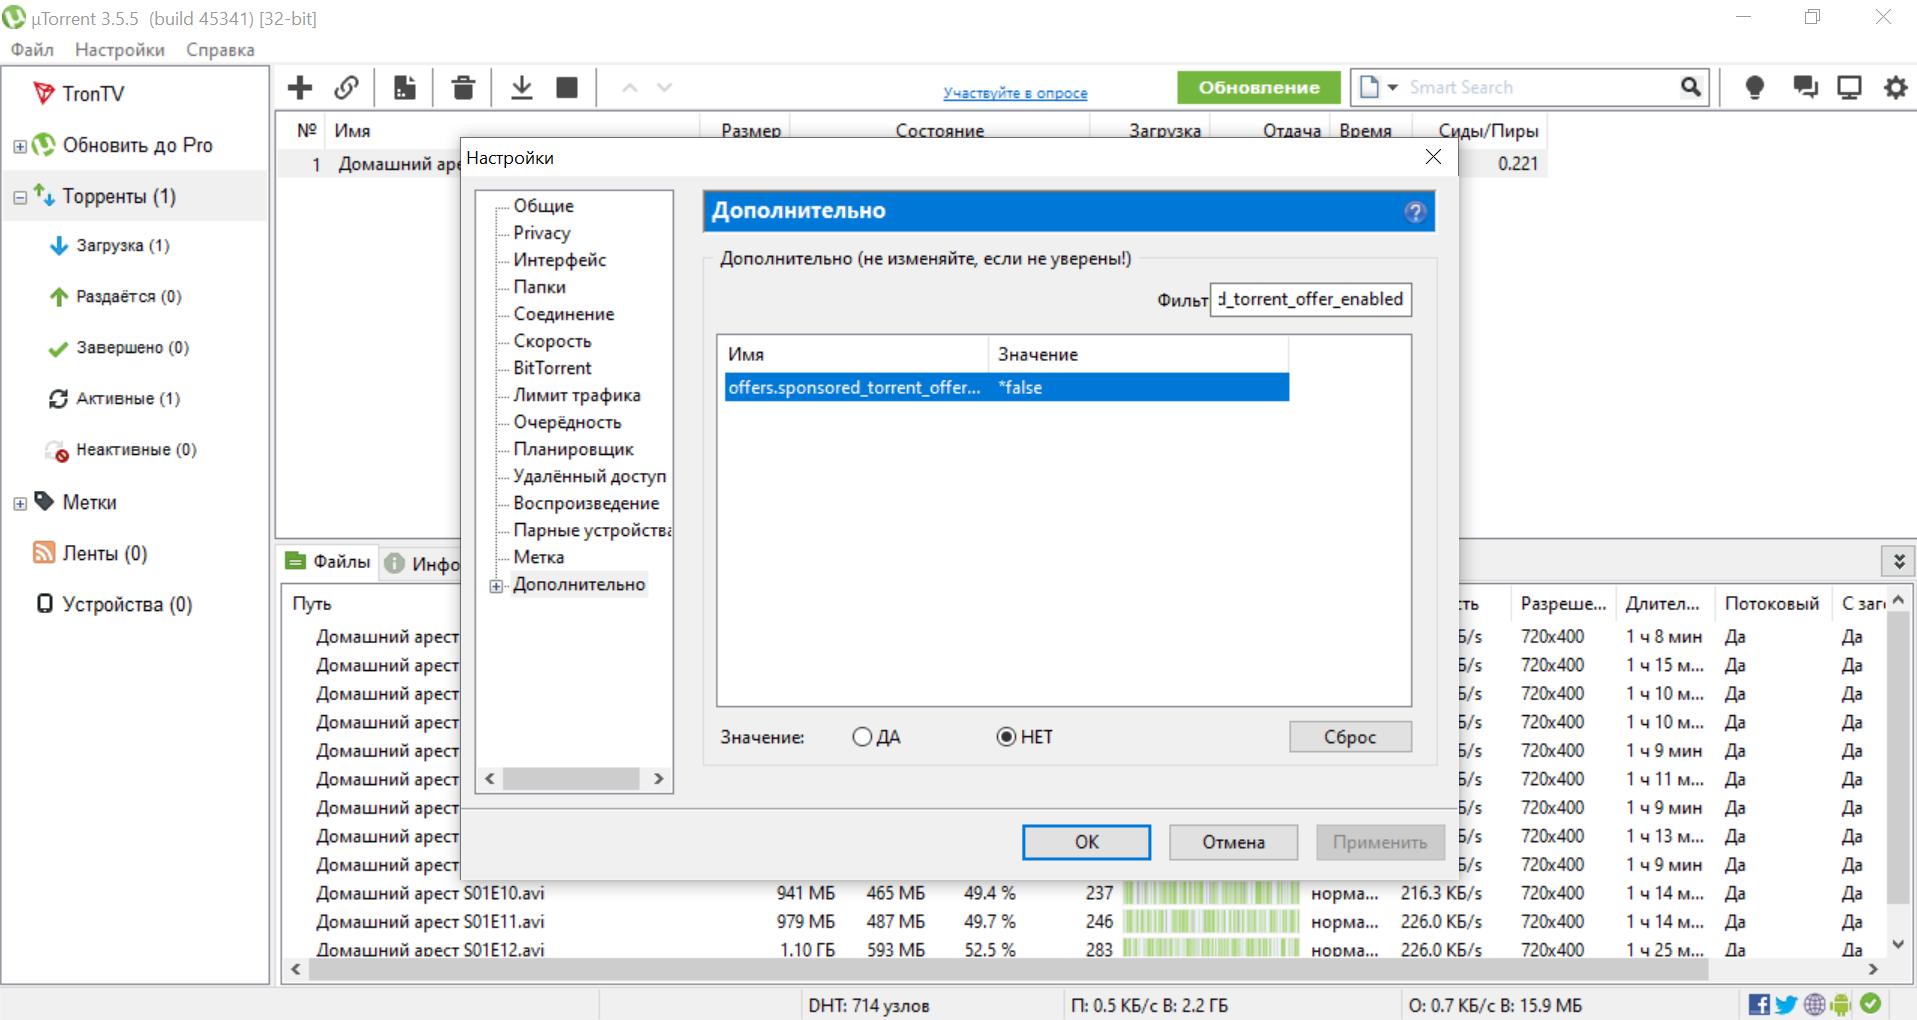 Как отключить рекламу в uTorrent последней версии